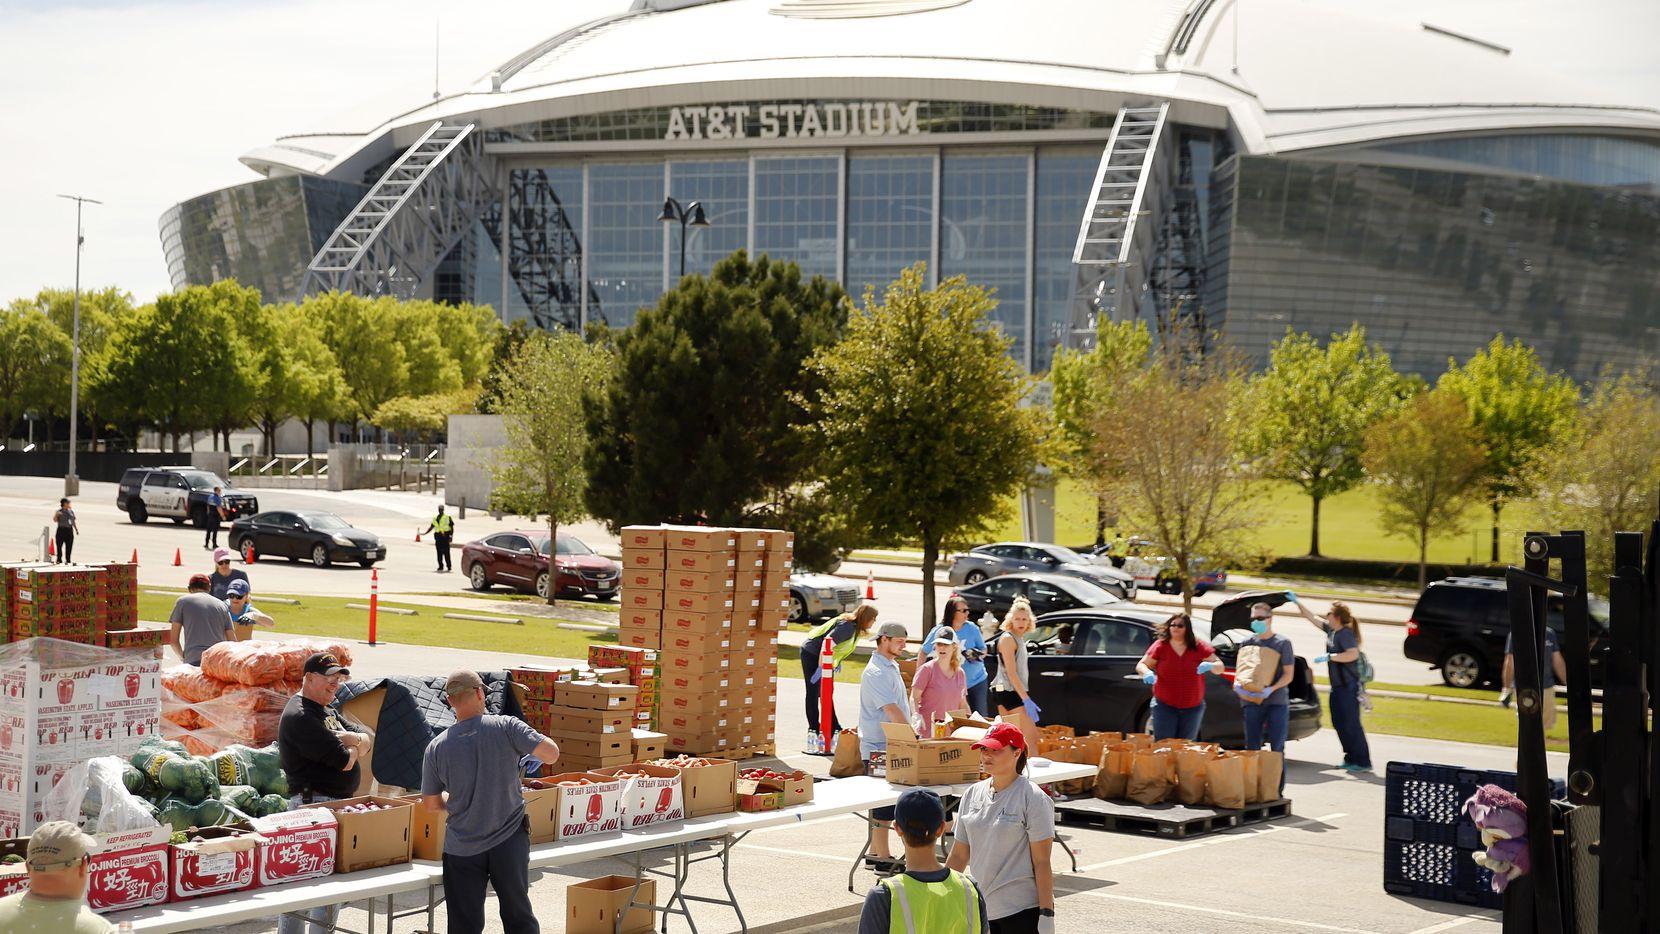 El North Texas Food continua la repartición de alimentos gratuitos a los largo de Dallas y condados cercanos del martes 2 hasta el viernes 5 de junio.